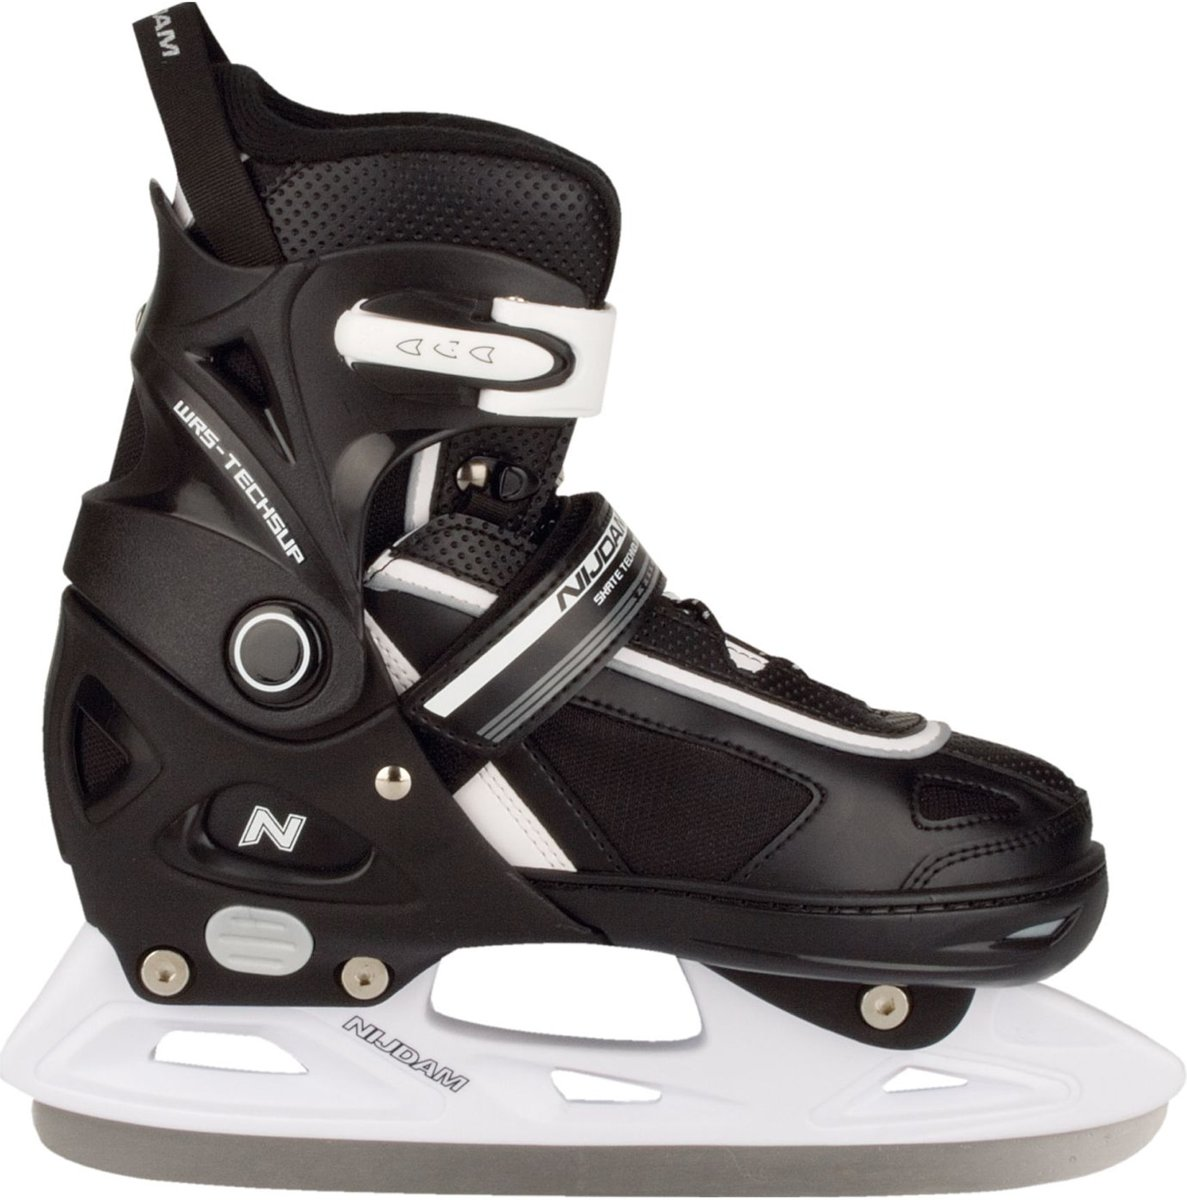 Nijdam 3170 Junior IJshockeyschaats - Verstelbaar - Semi-Softboot - Zwart - Maat 37-40 kopen